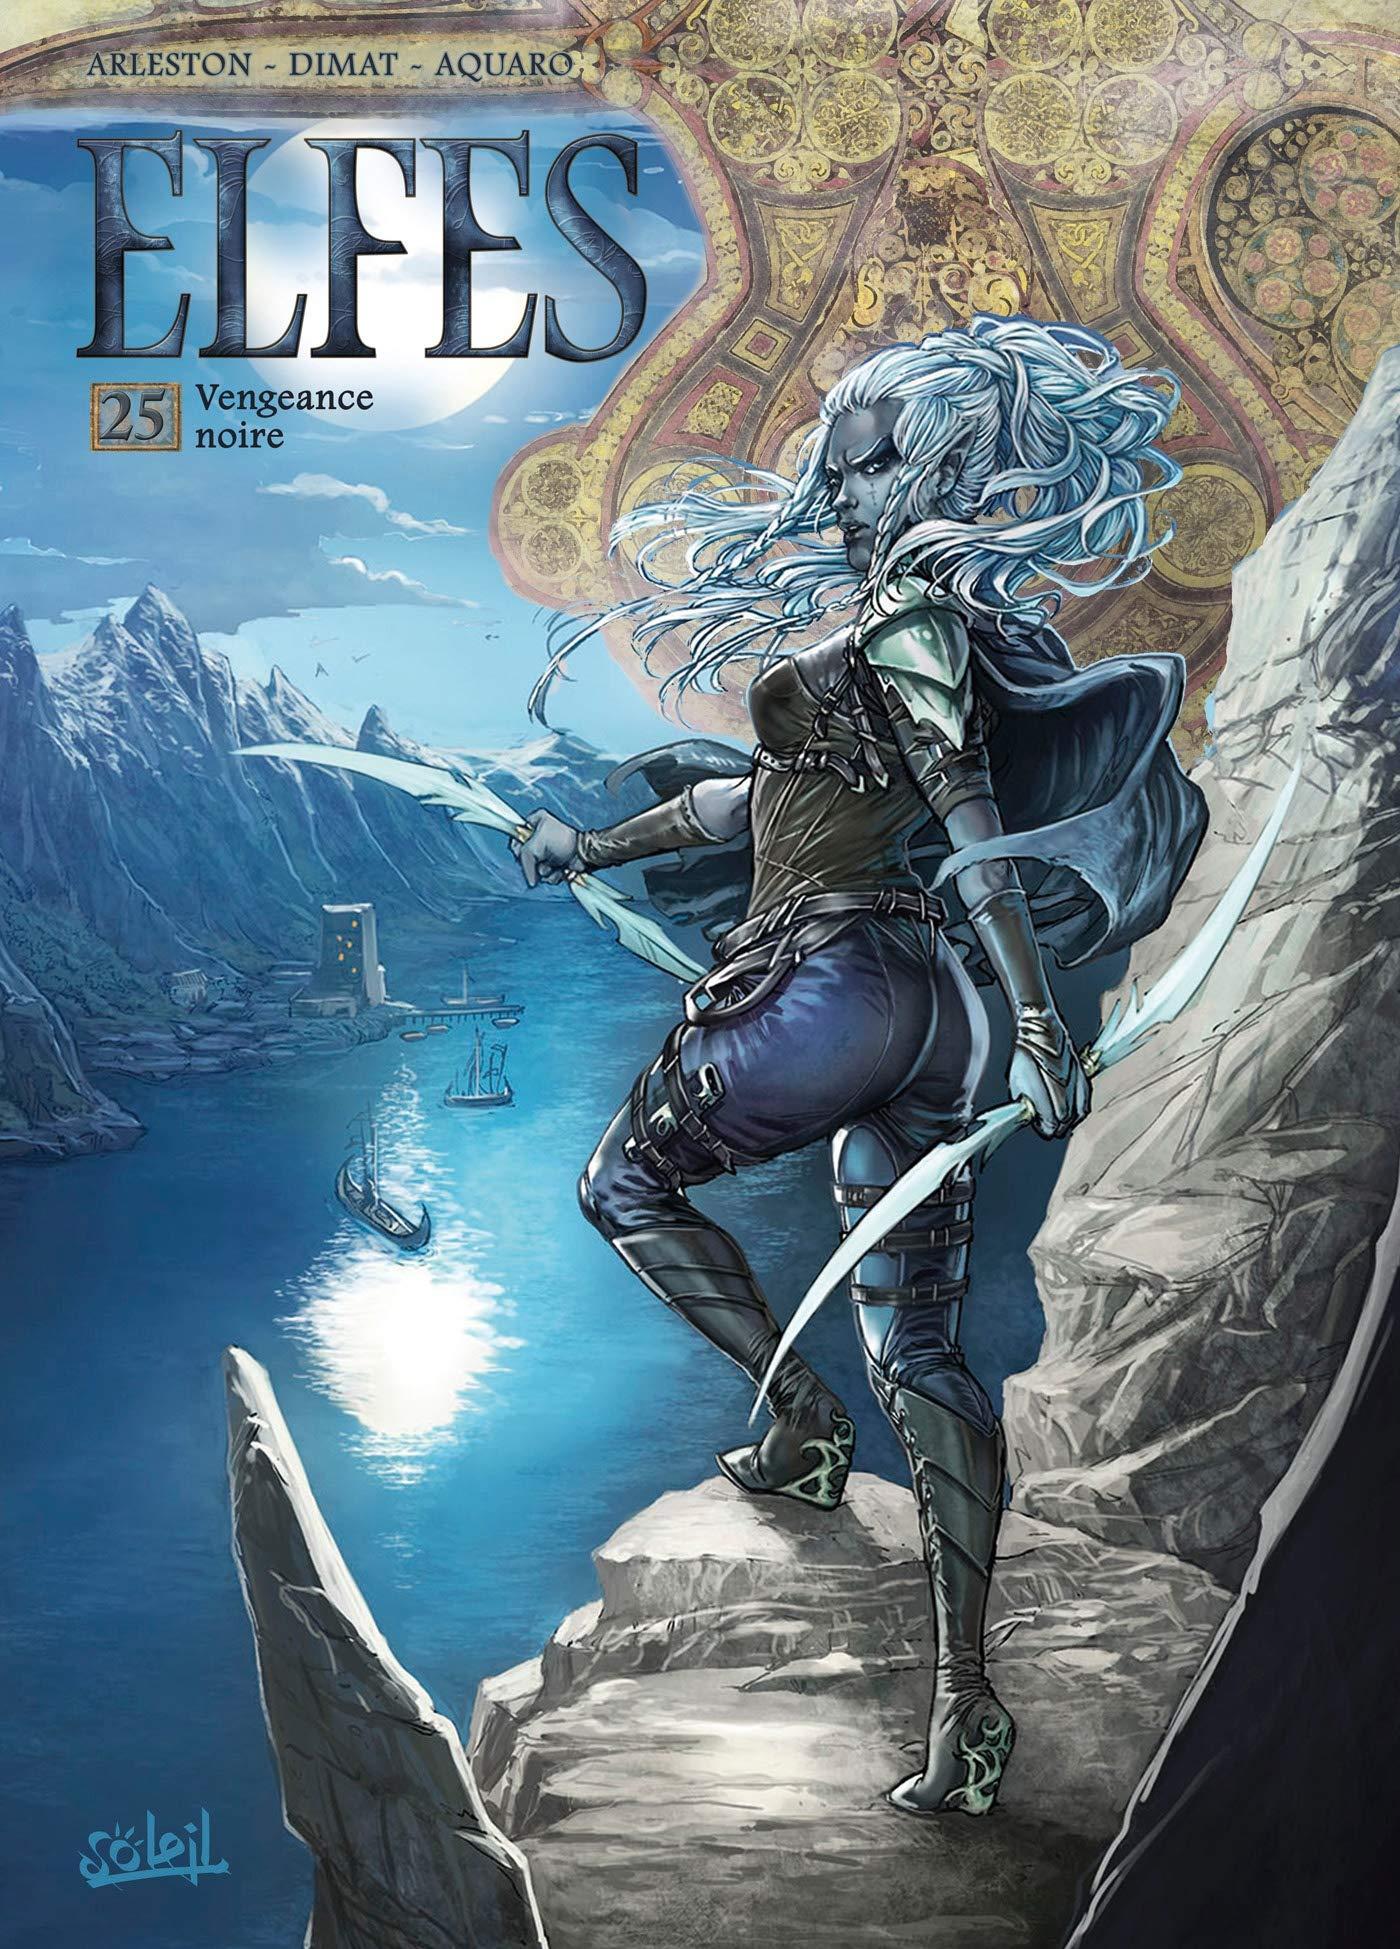 Elfes 25 - Vengeance noire